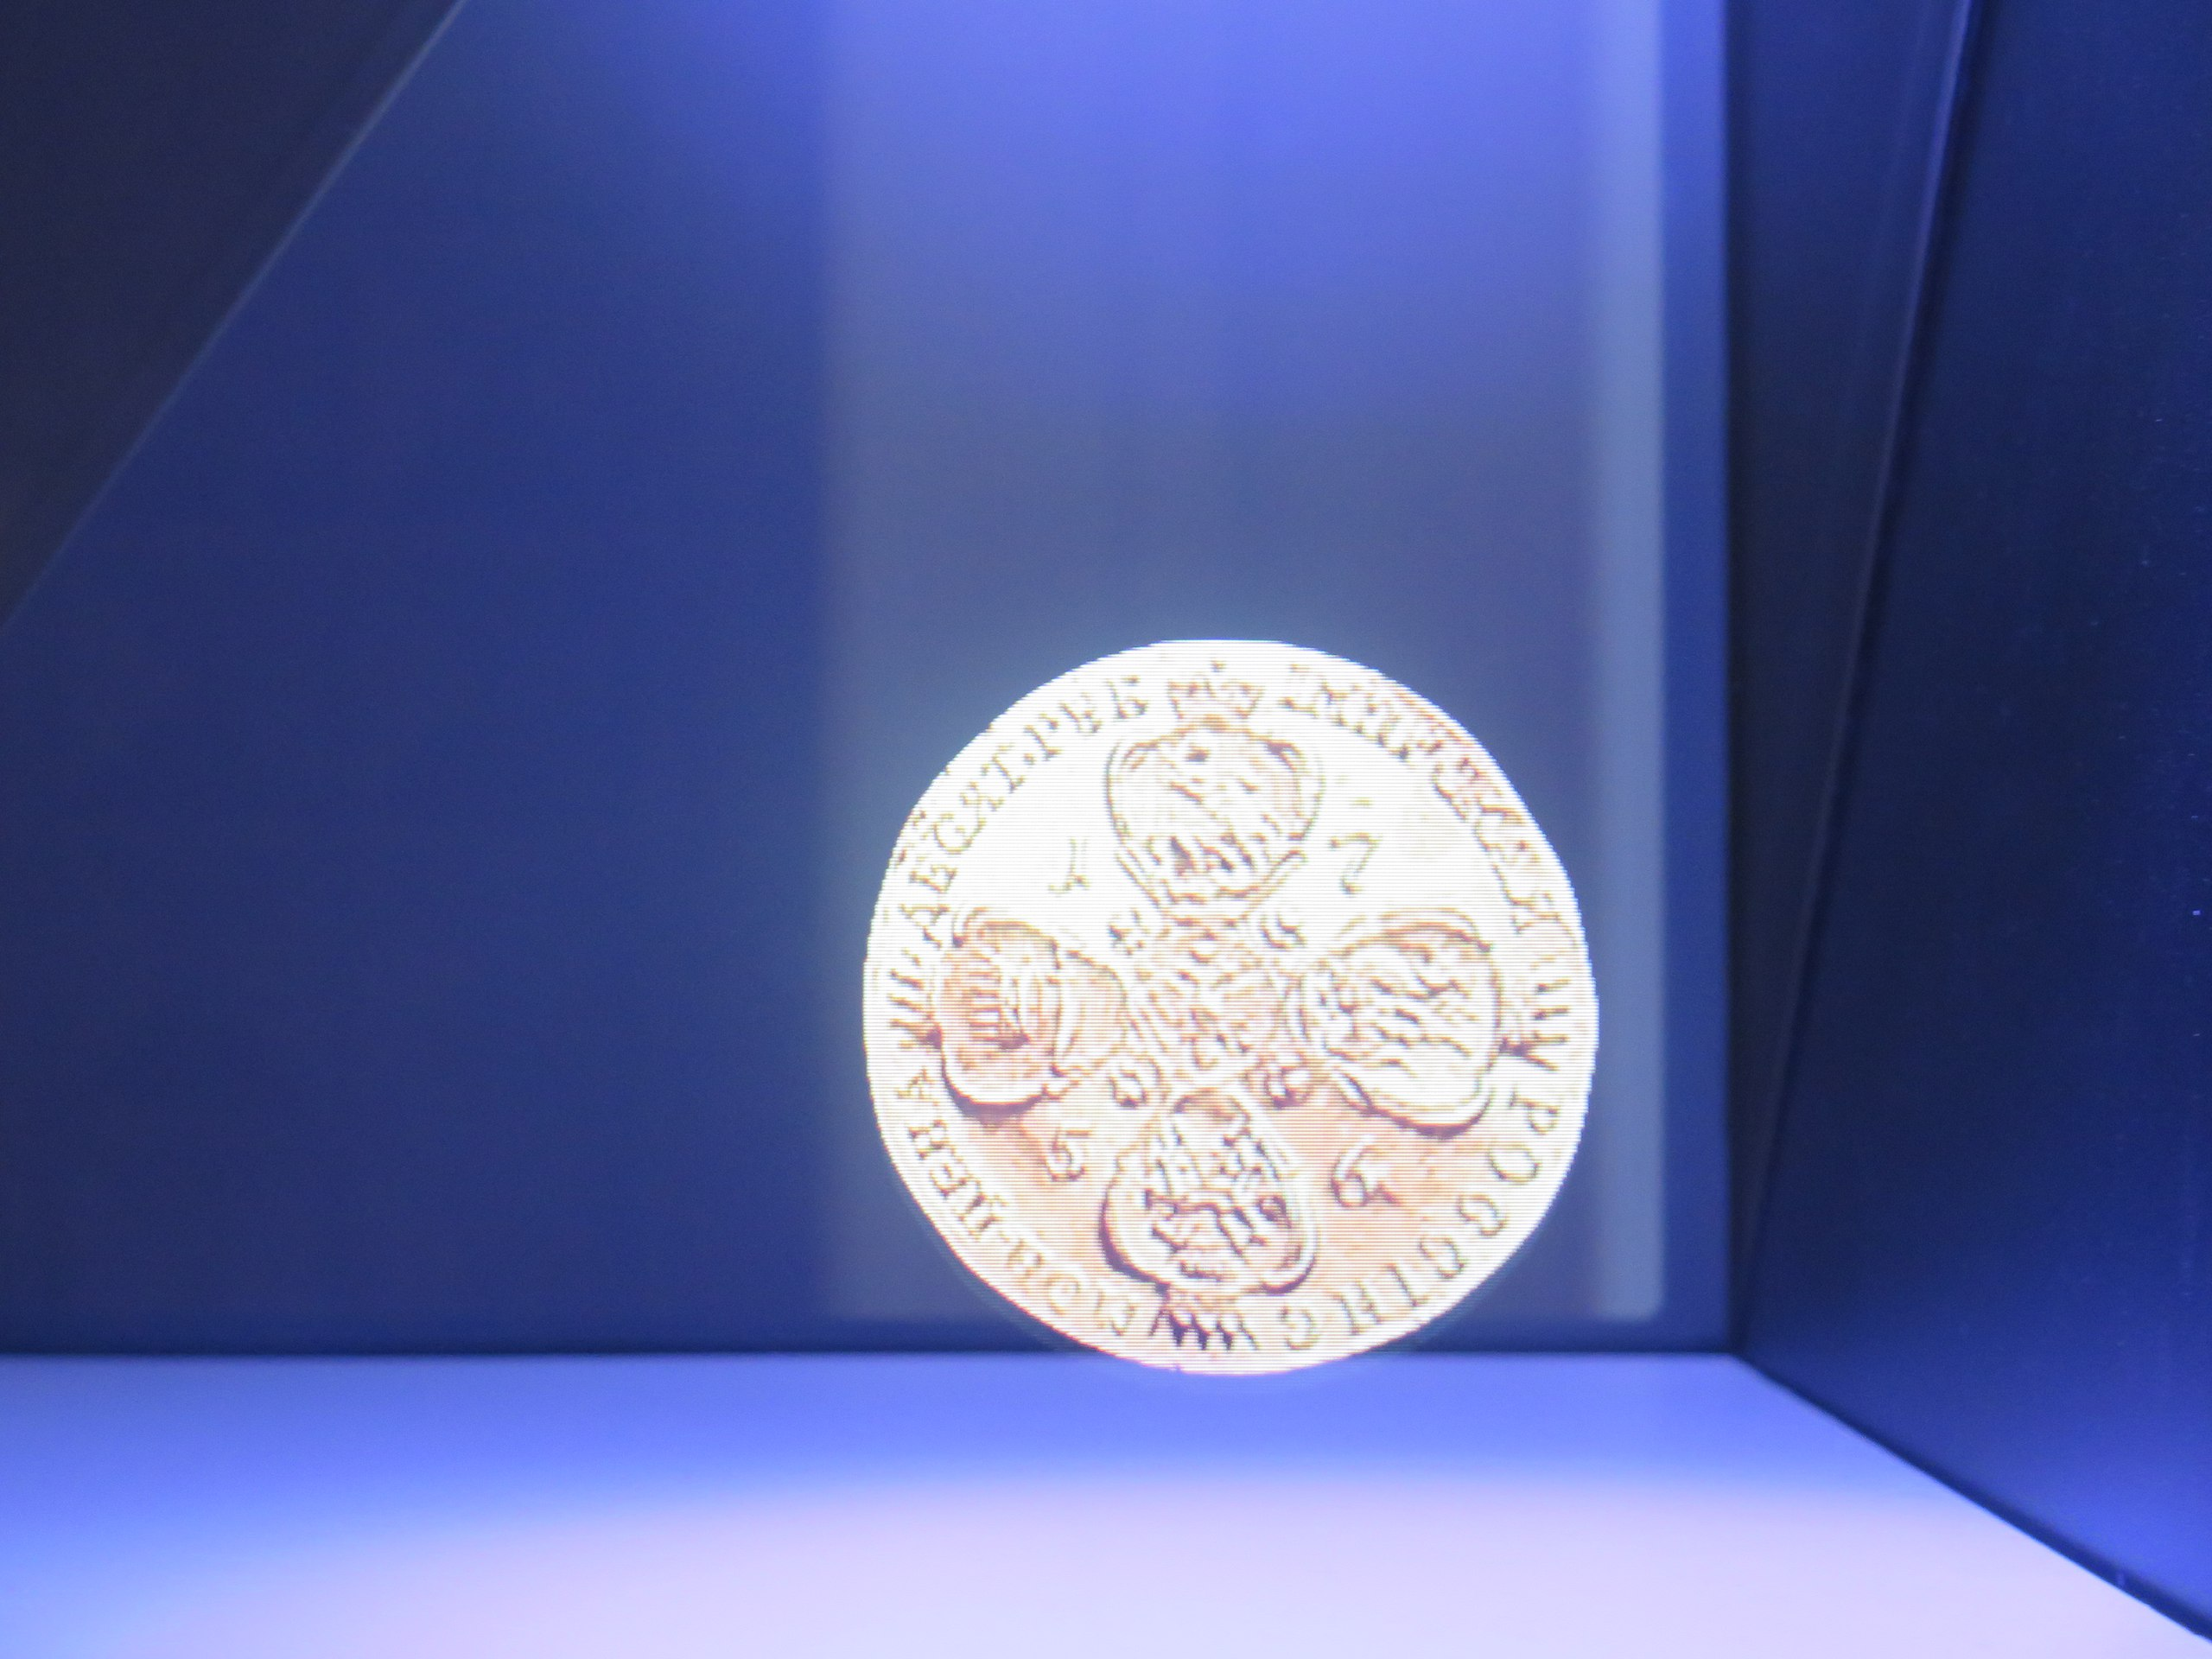 Где спрятаны золотые монеты России? монеты, монет, можно, очень, выставке, каждой, всего, золотых, музея, здании, Московского, всегда, Романовых, только, династии, информацию, помощью, витрины, благодаря, монету